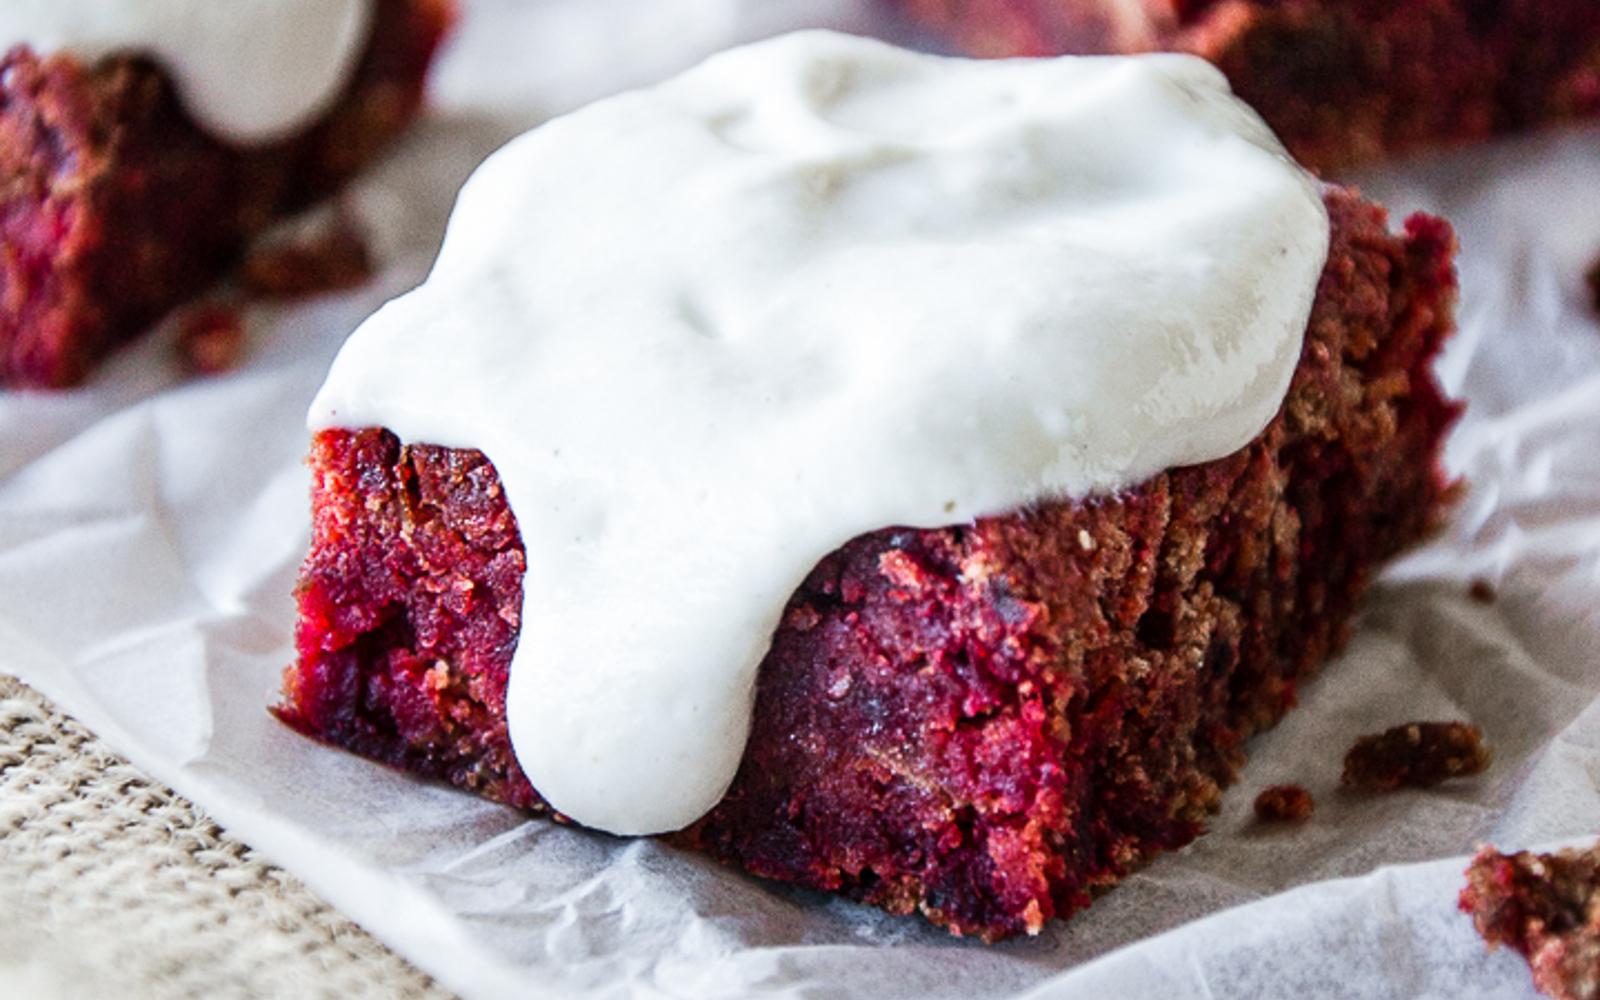 Vegan Red Velvet Beet Brownies With Aquafaba Vanilla Cashew Cream Frosting